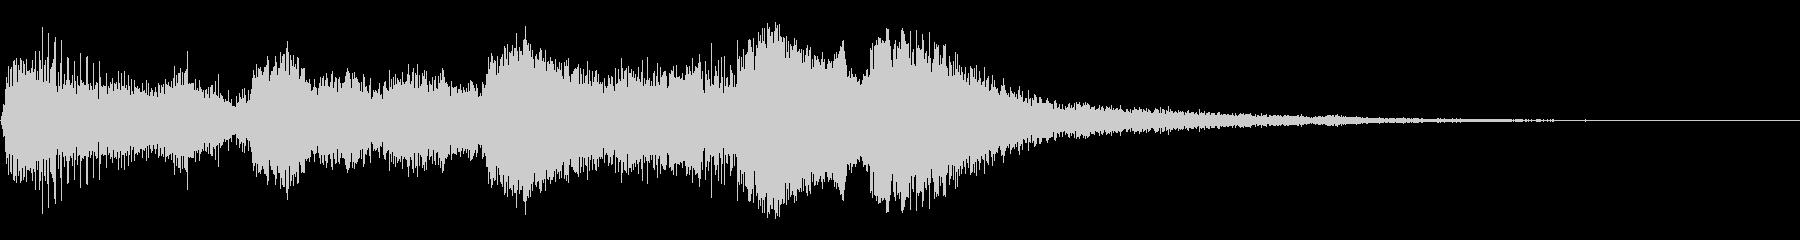 オーケストラビルディングサスペンス...の未再生の波形